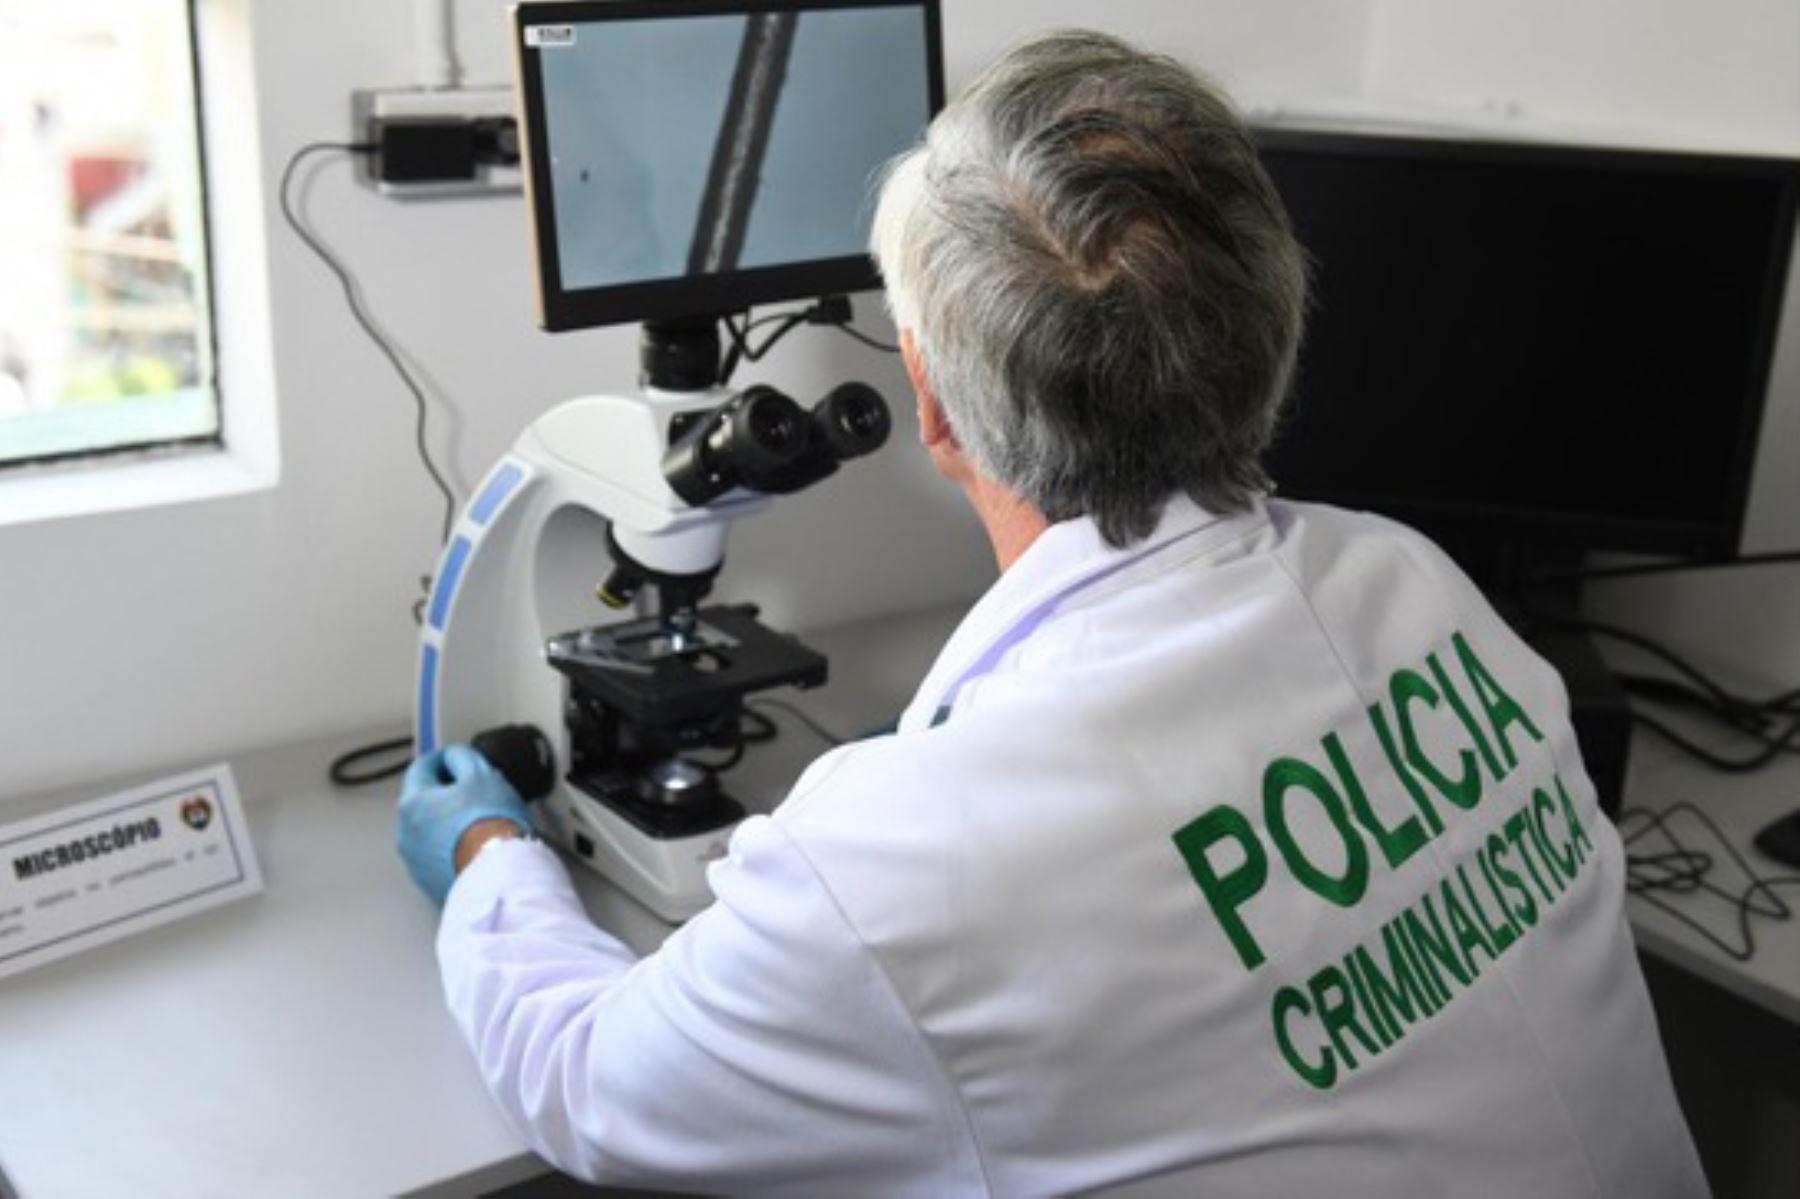 investigacion-criminal-de-la-pnp-sera-mas-agil-y-eficaz-contra-la-delincuencia